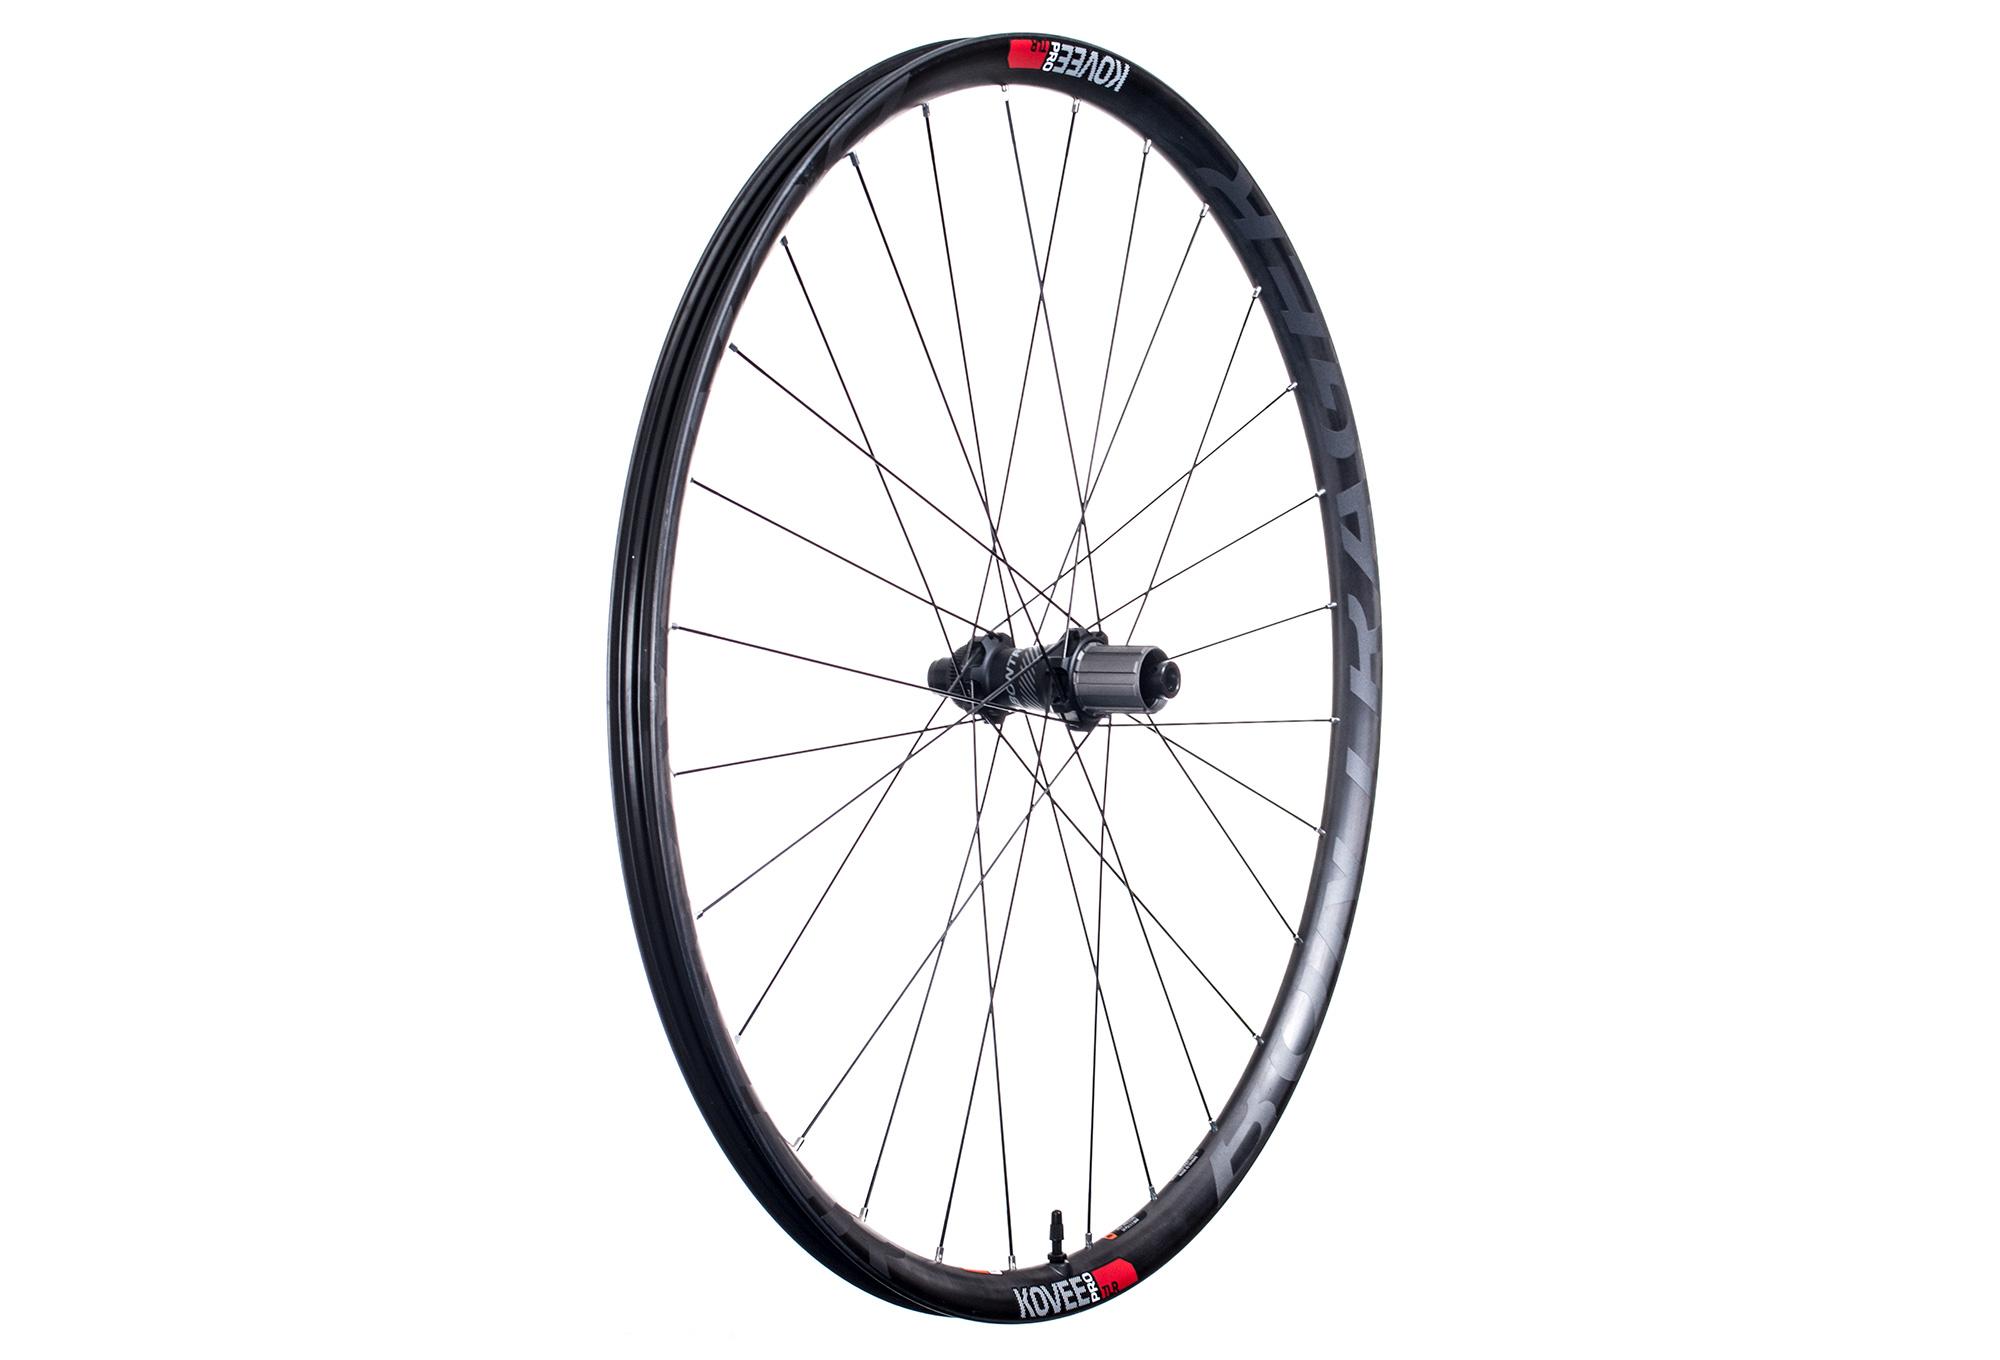 BONTRAGER 2017 Rear Wheel KOVEE PRO Carbon 29'' TLR